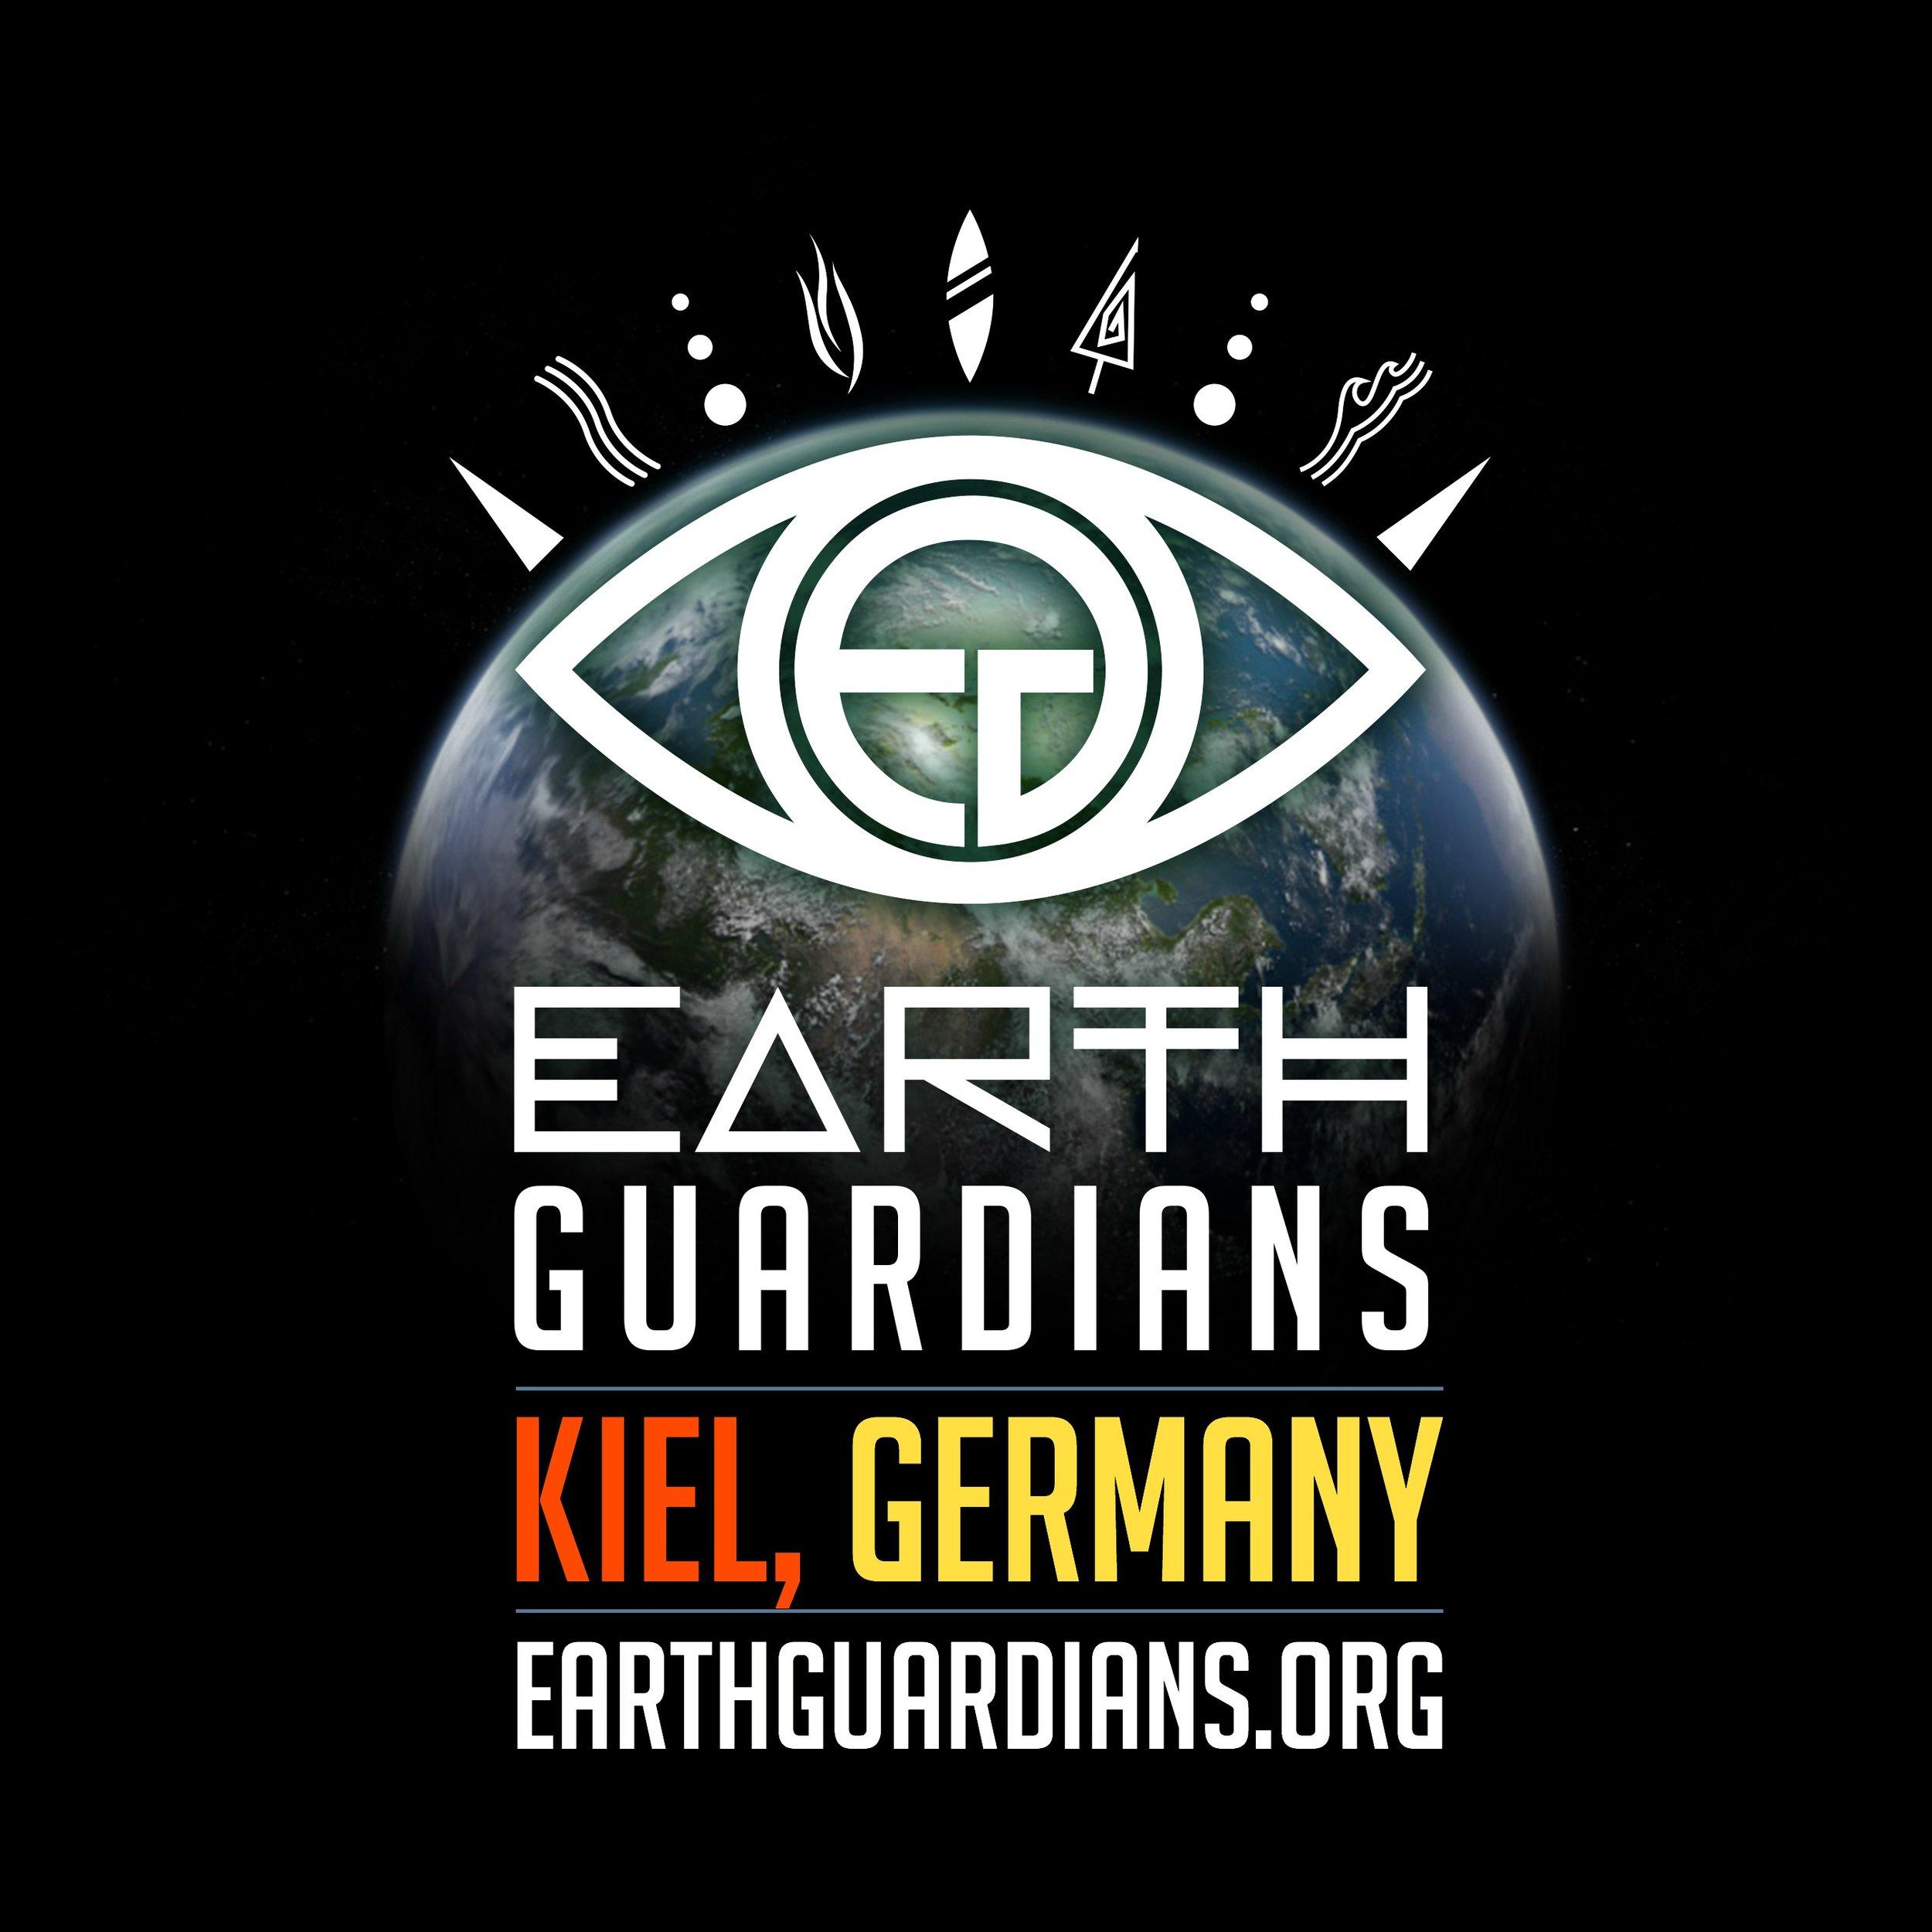 EG_crew logo KIEL GERMANY.jpg